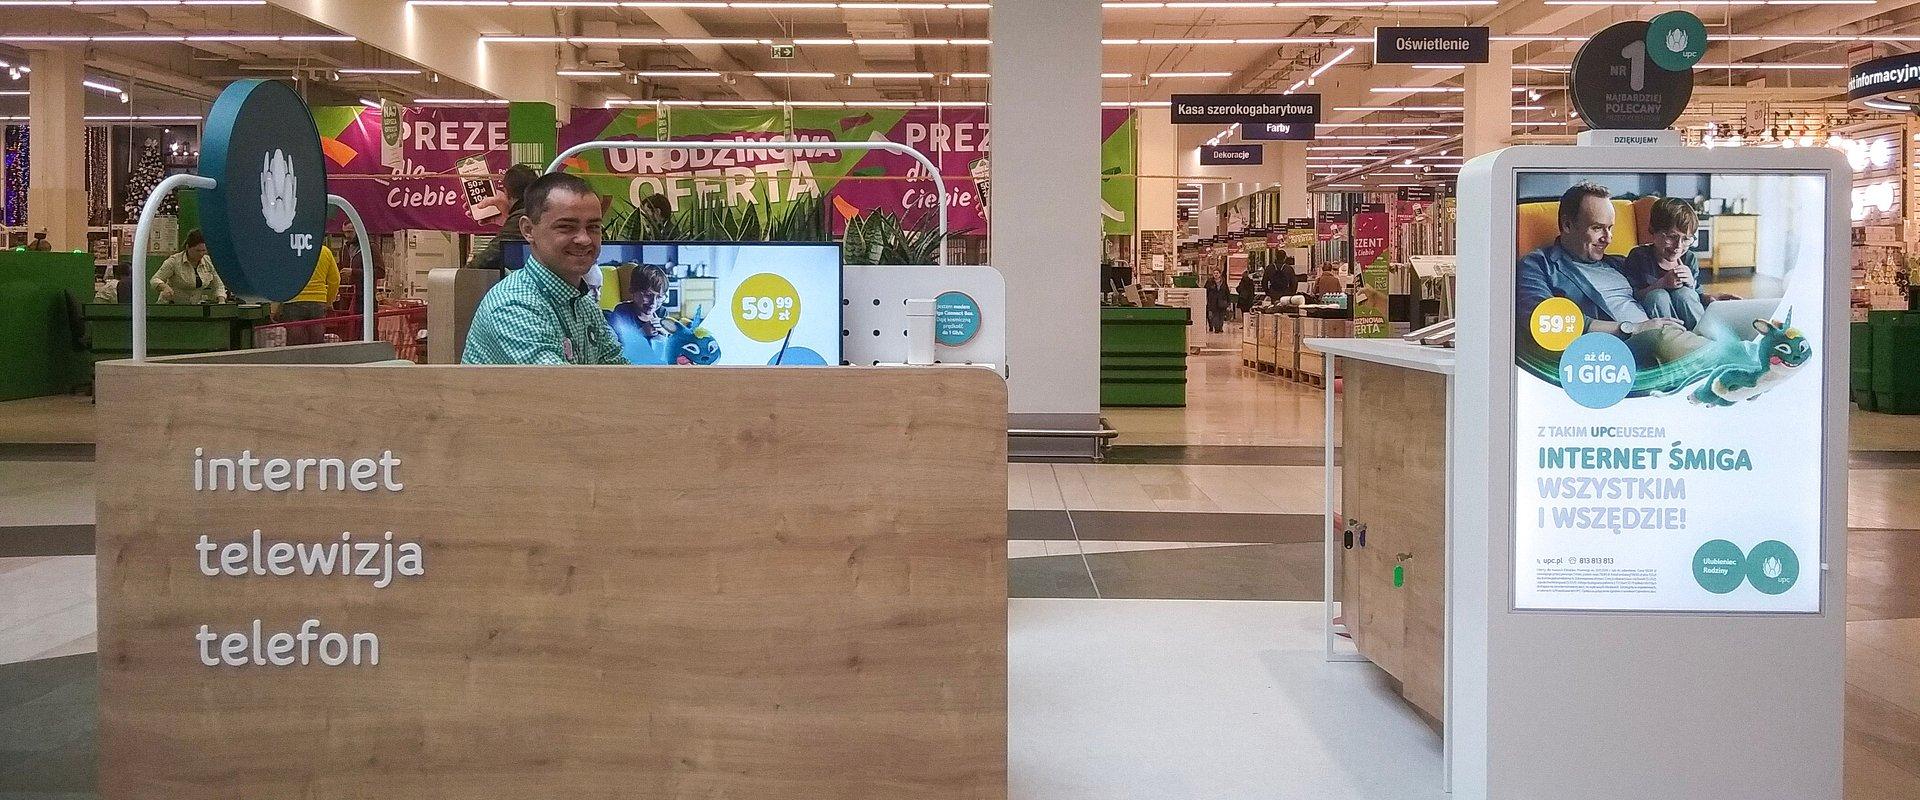 UPC w największym centrum handlowym w Polsce!